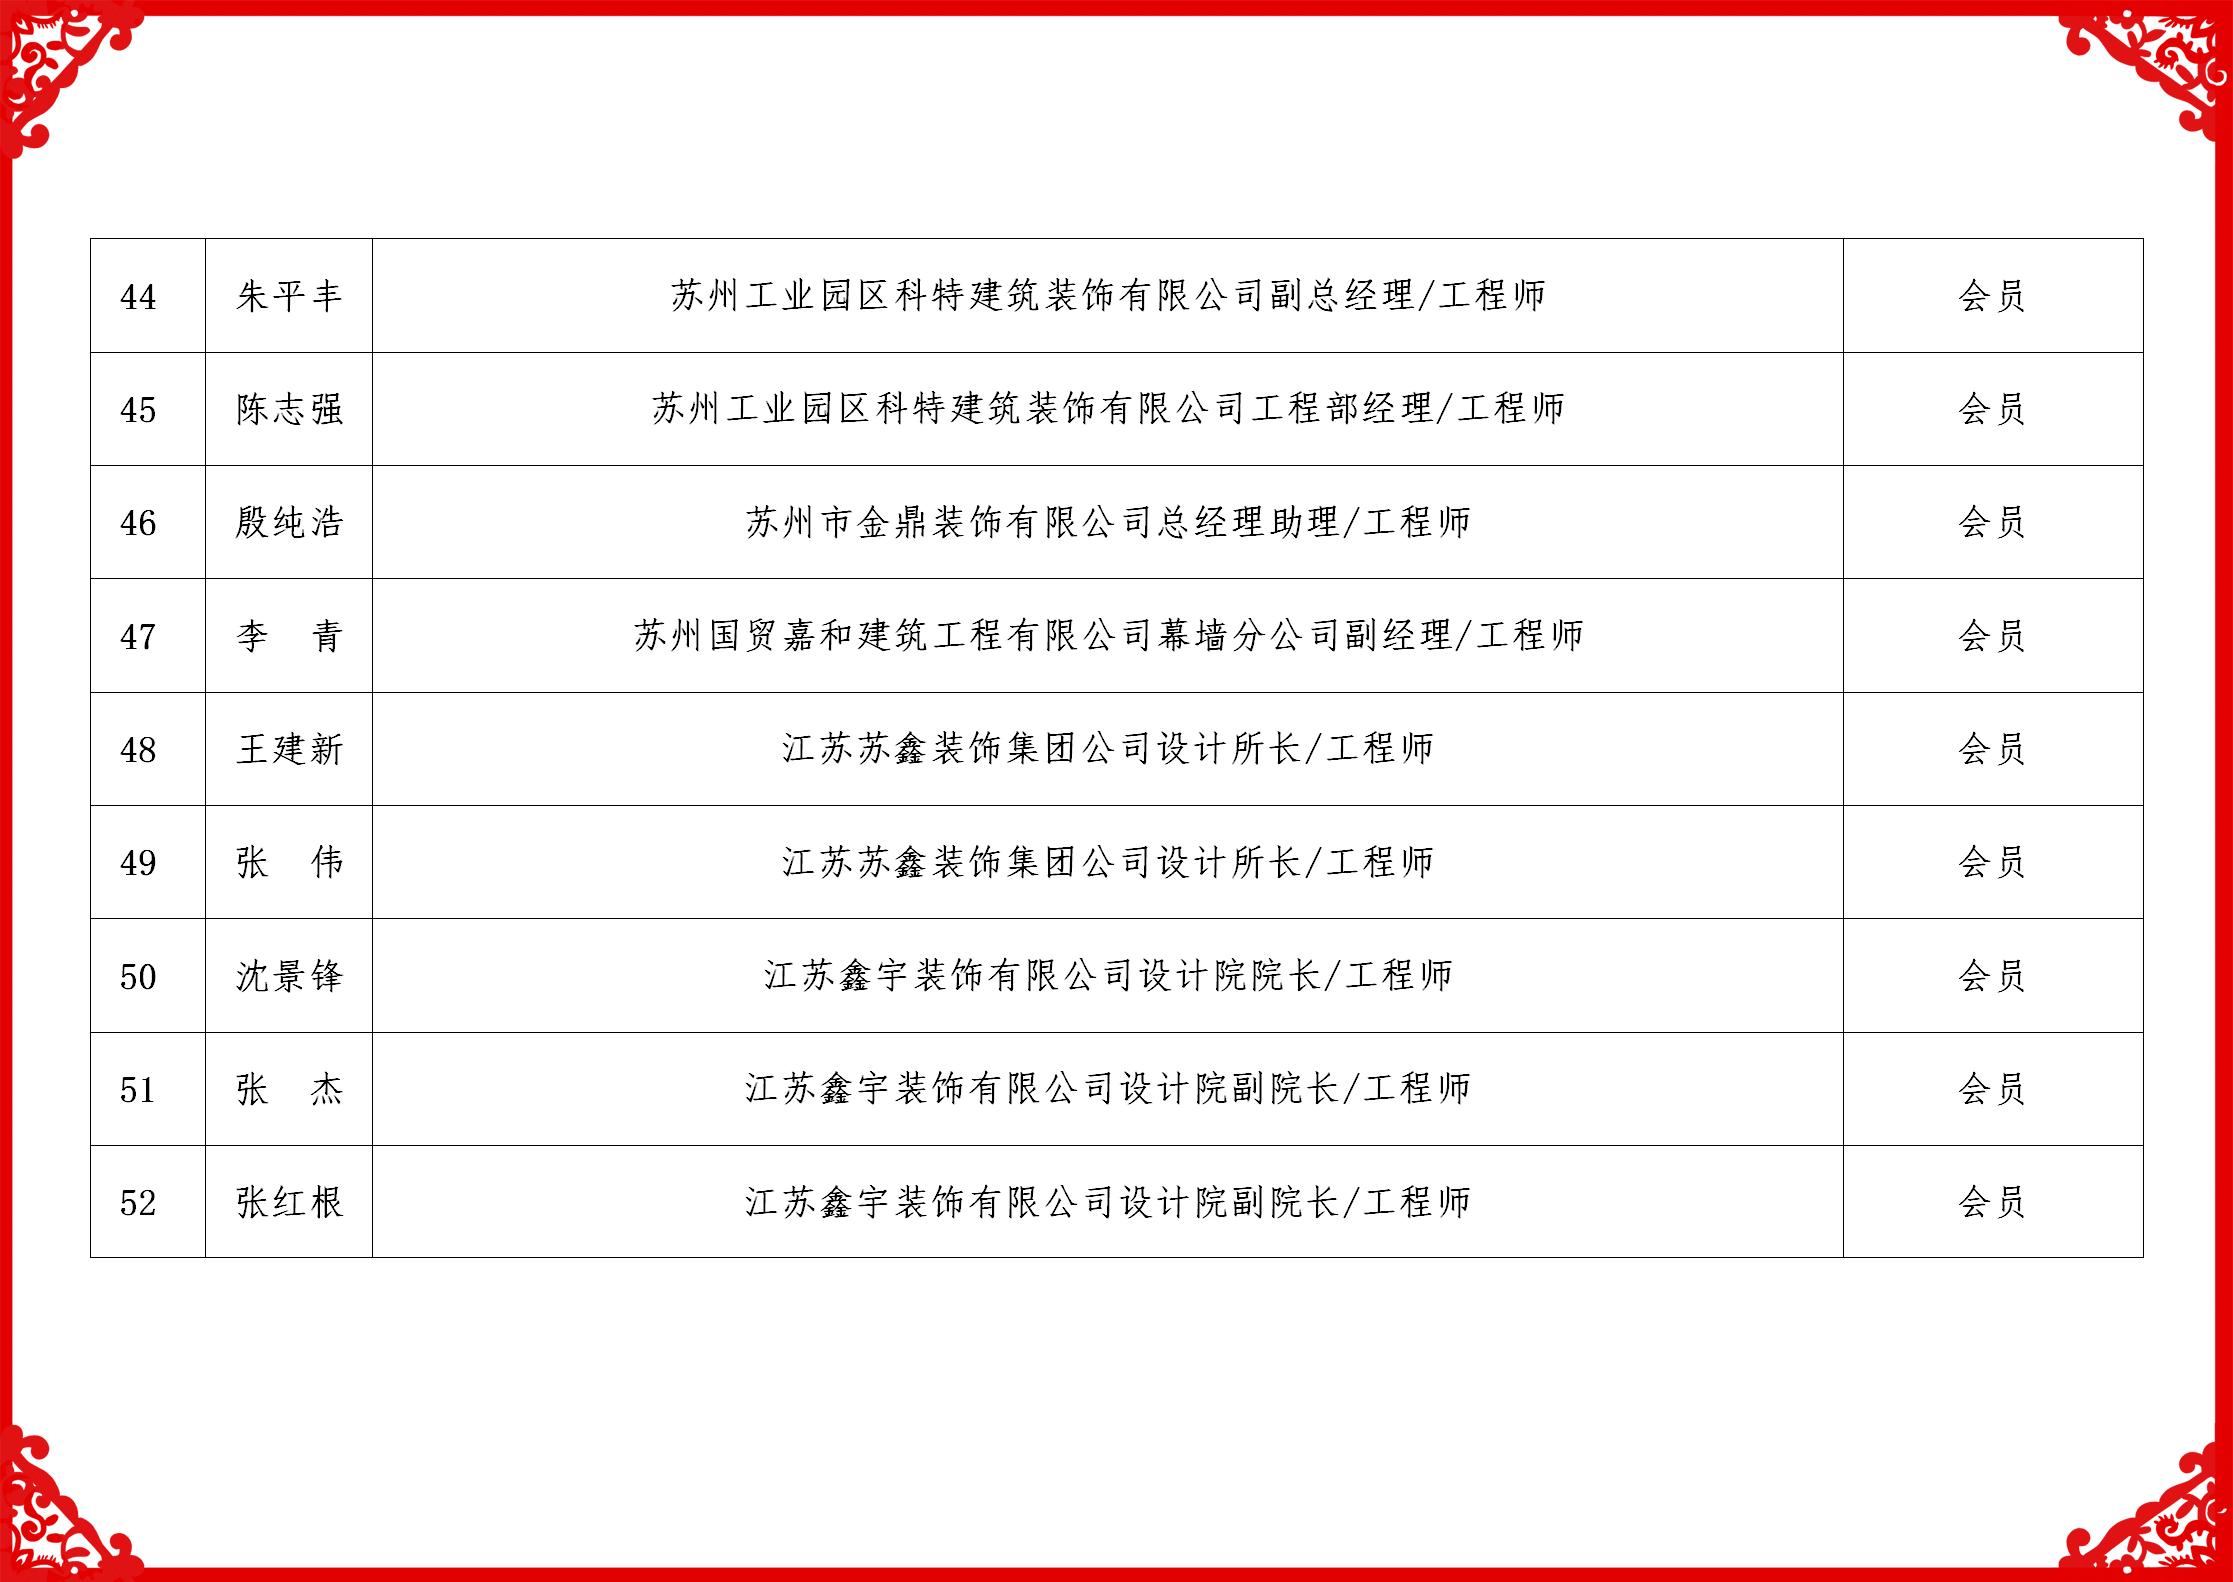 2019科技委名单_06